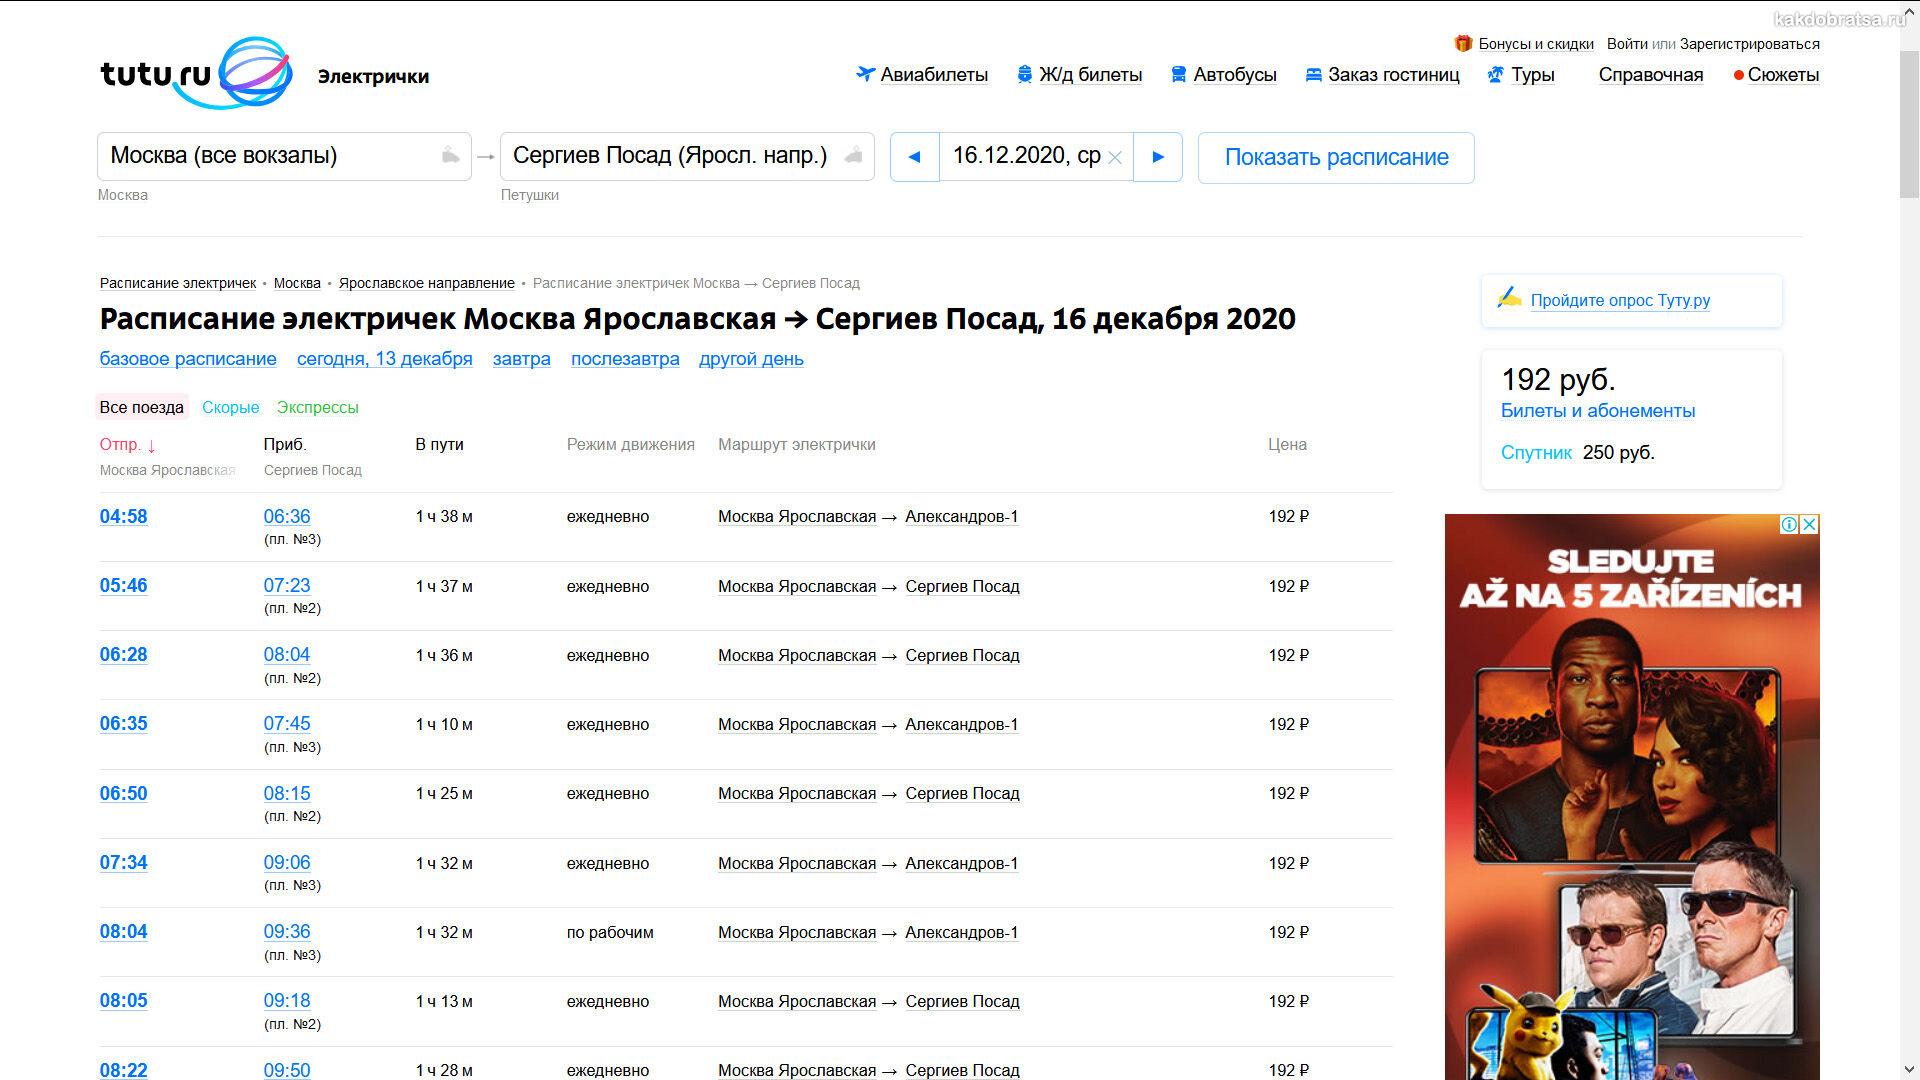 Расписание электричек из Москвы в Сергиев Посад